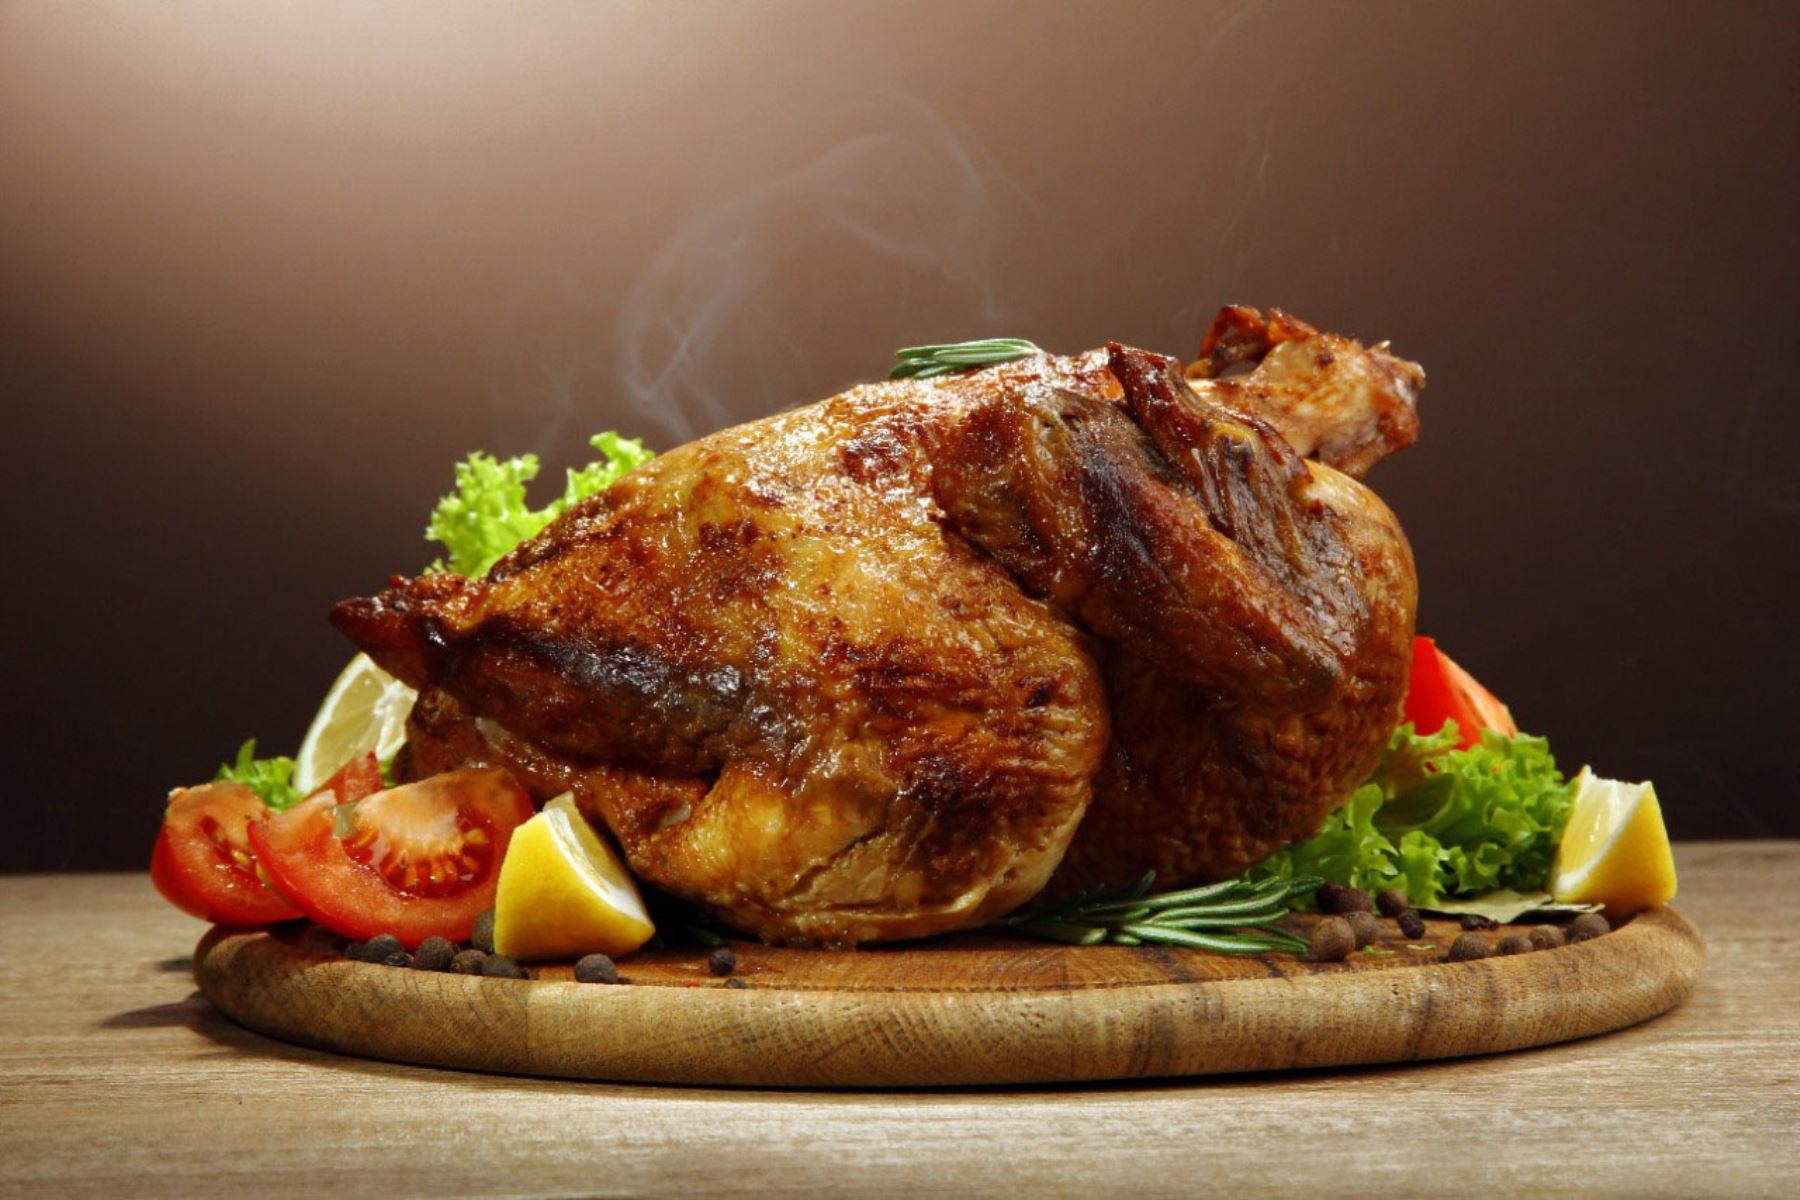 Día de Pollo a la brasa: Aprende a prepararlo en casa siguiendo estos consejos